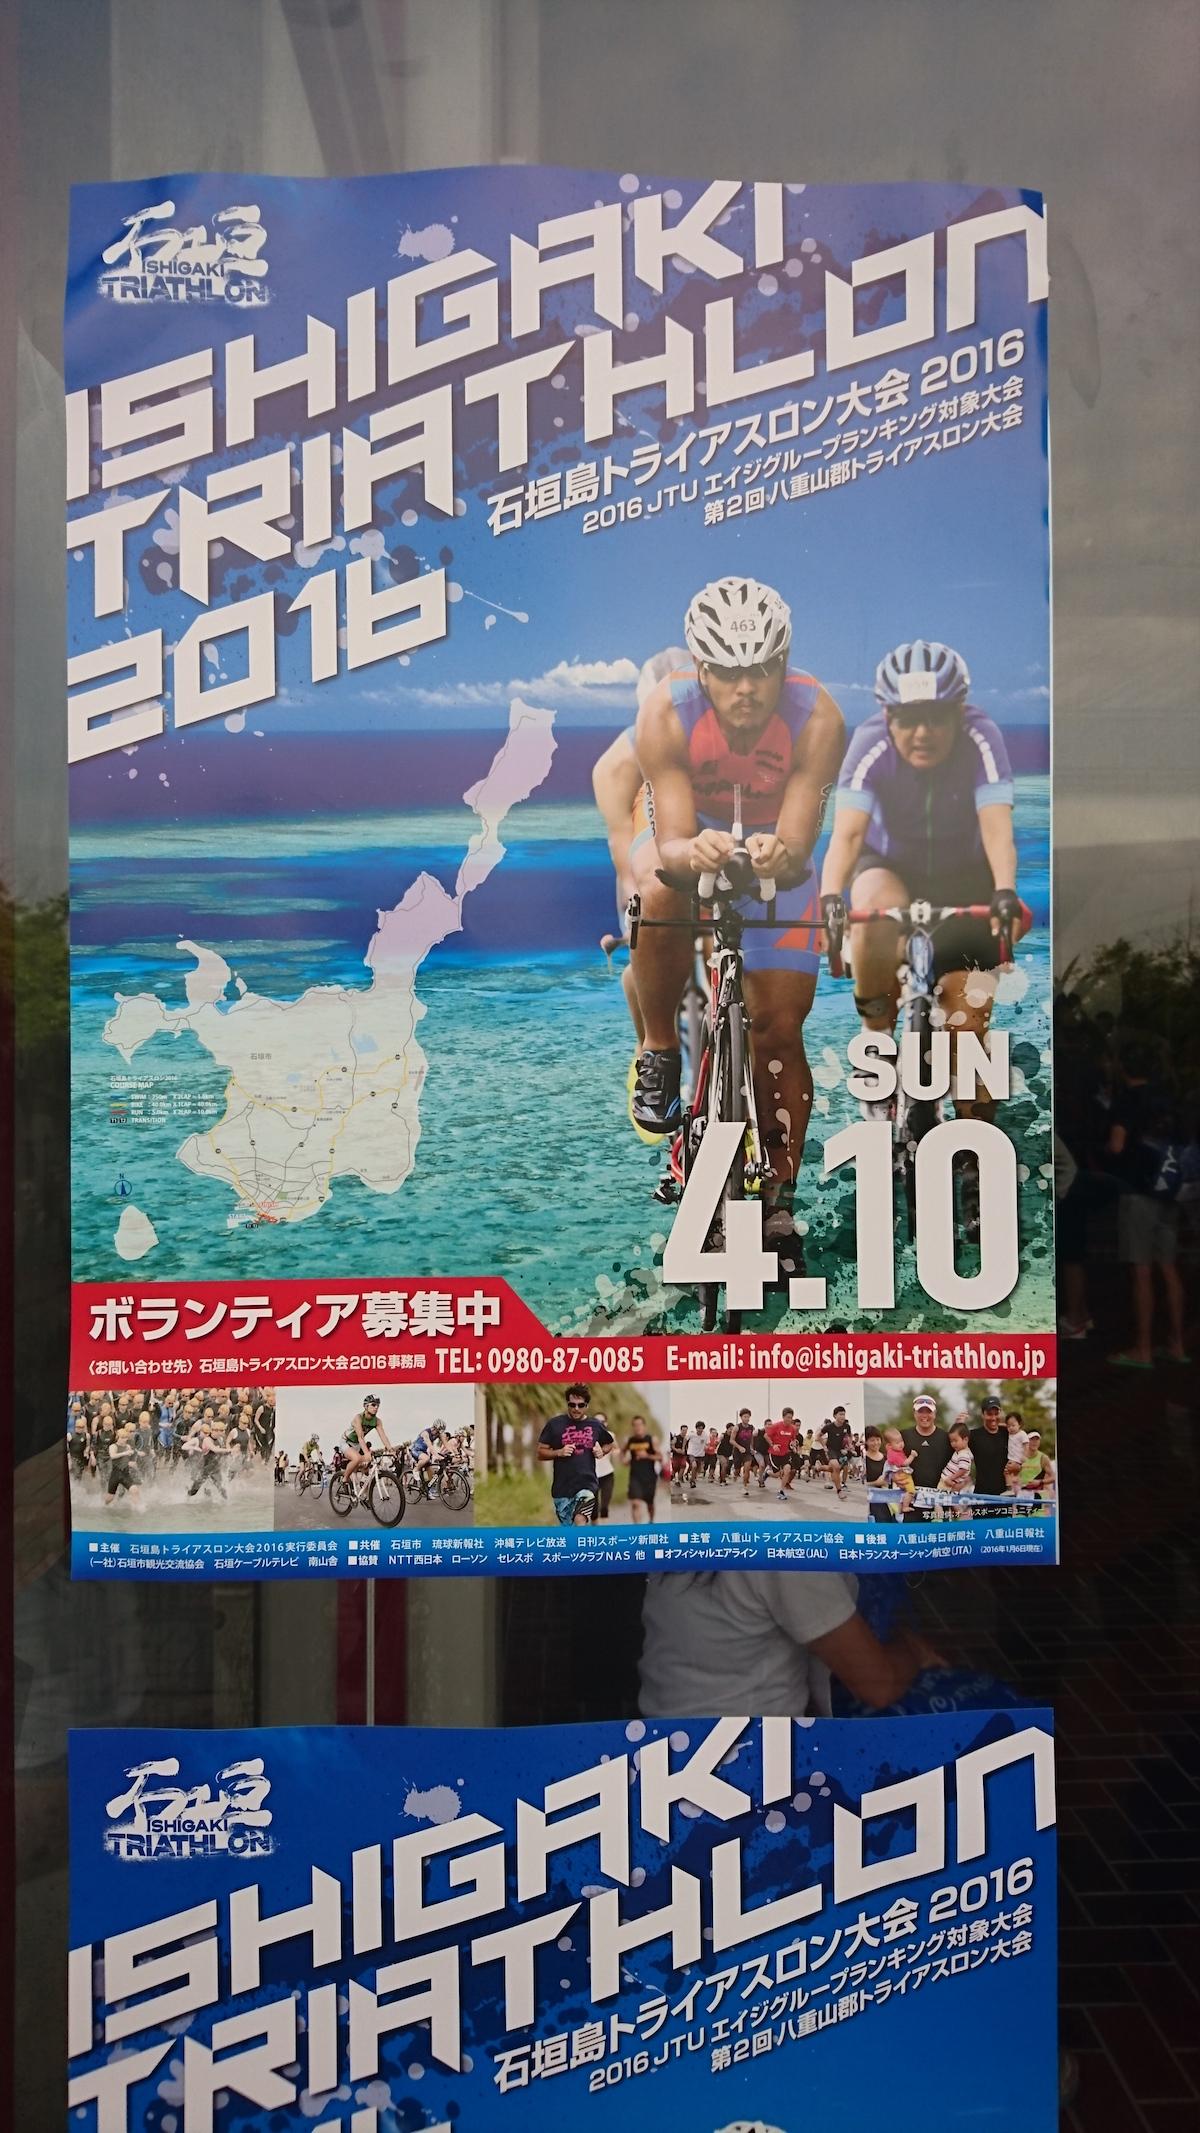 石垣島スポーツイベント